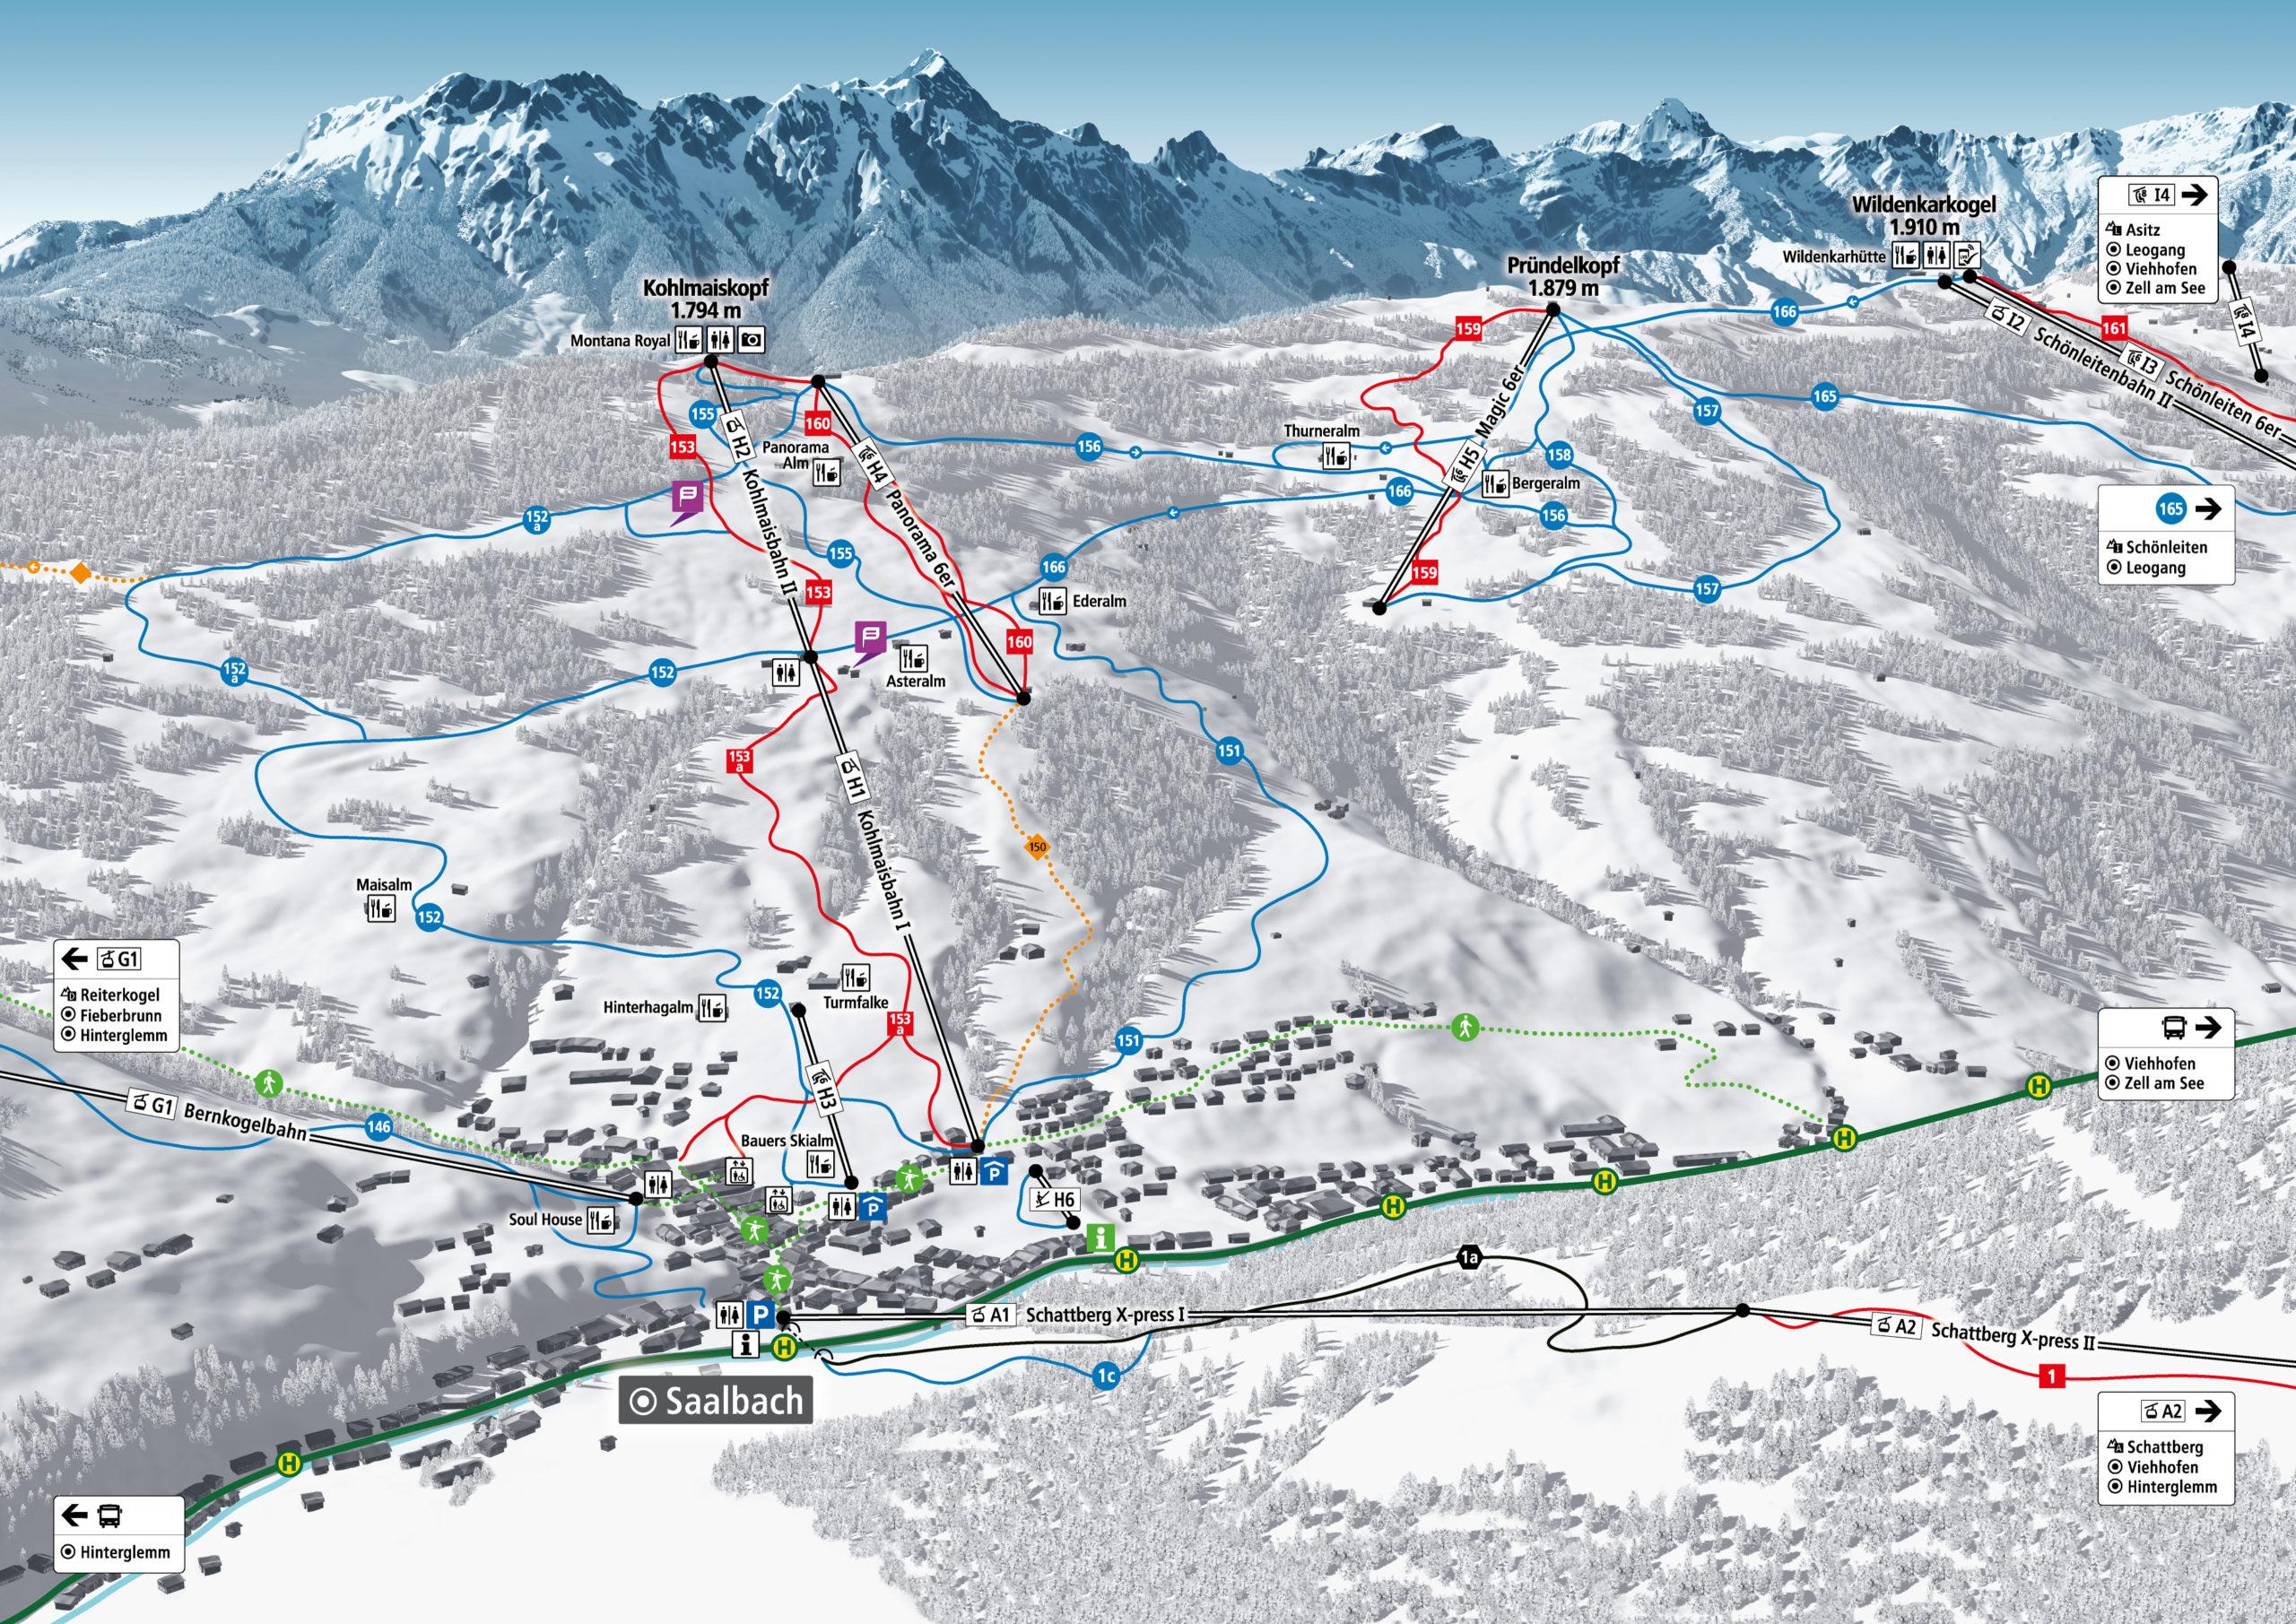 3D Panoramakarte Skicircus Saalbach Hinterglemm Leogang Fieberbrunn - Kohlmaiskopf - Winterpanorama